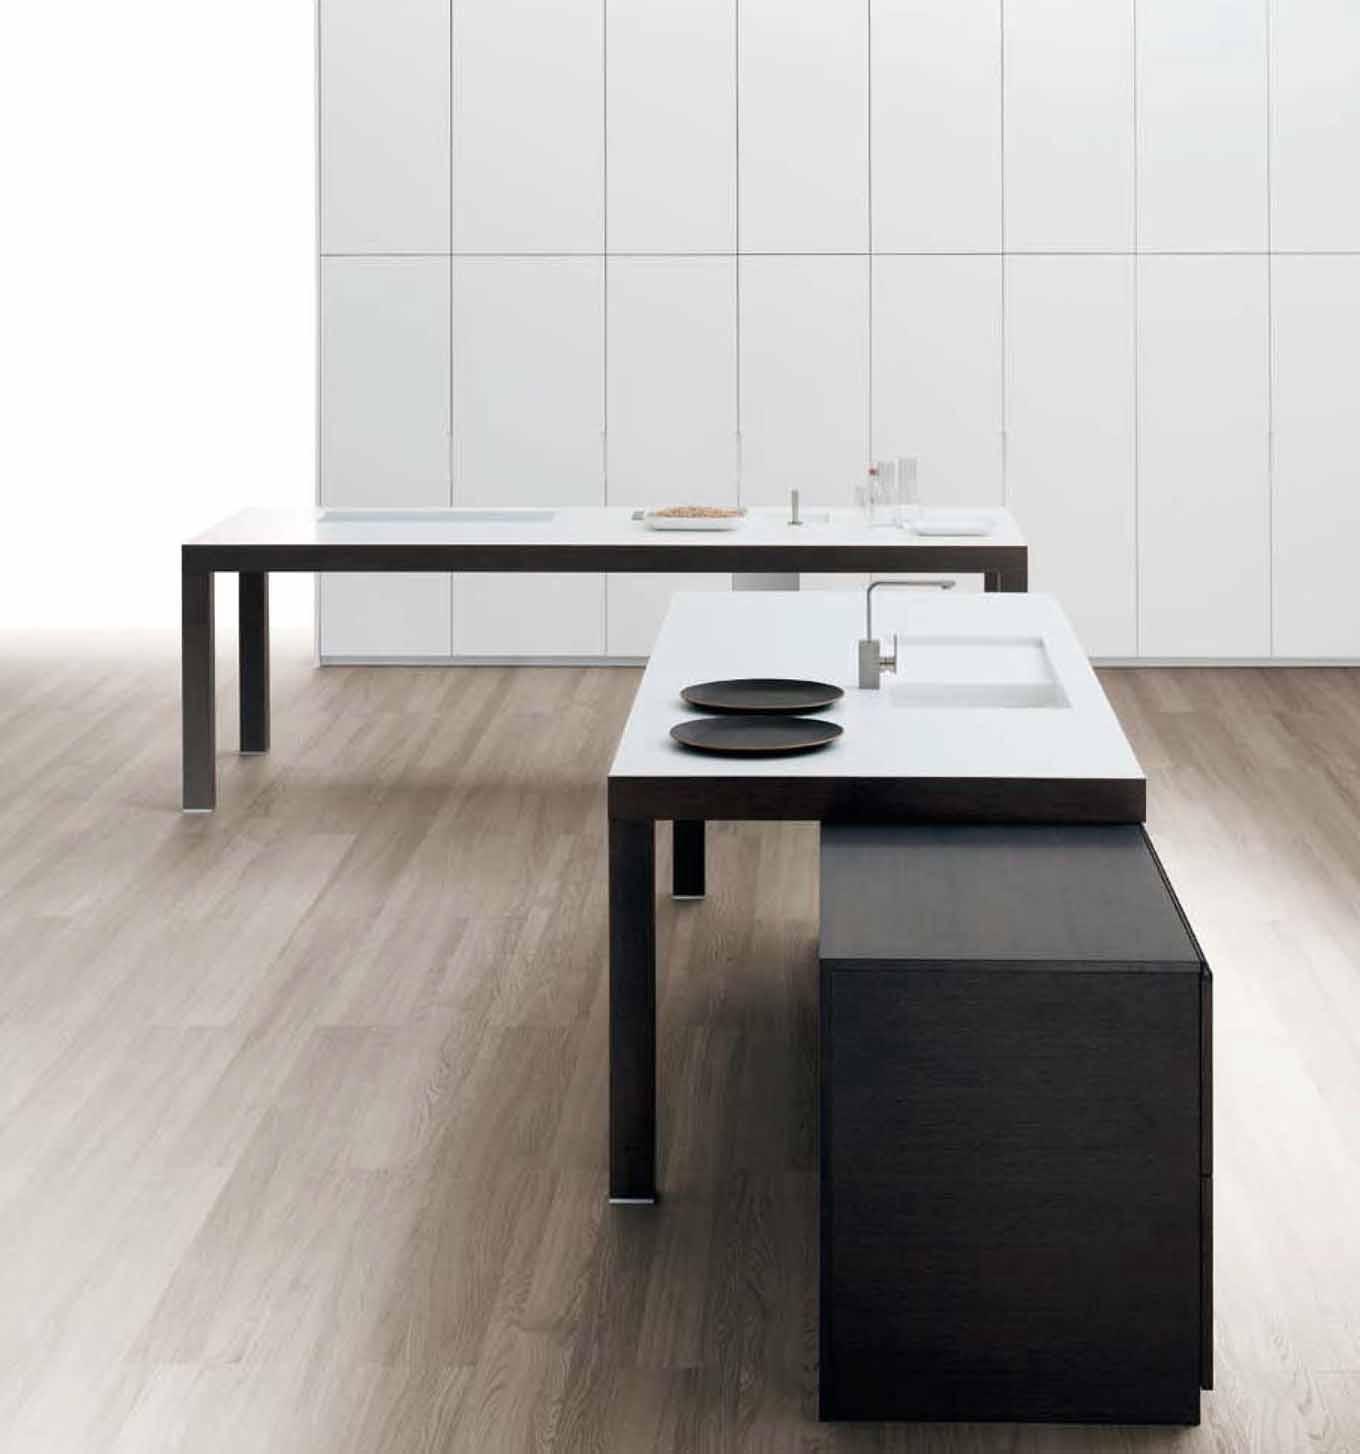 Cocinas modernas minimalistas ercolan gunni trentino - Gunni trentino cocinas ...